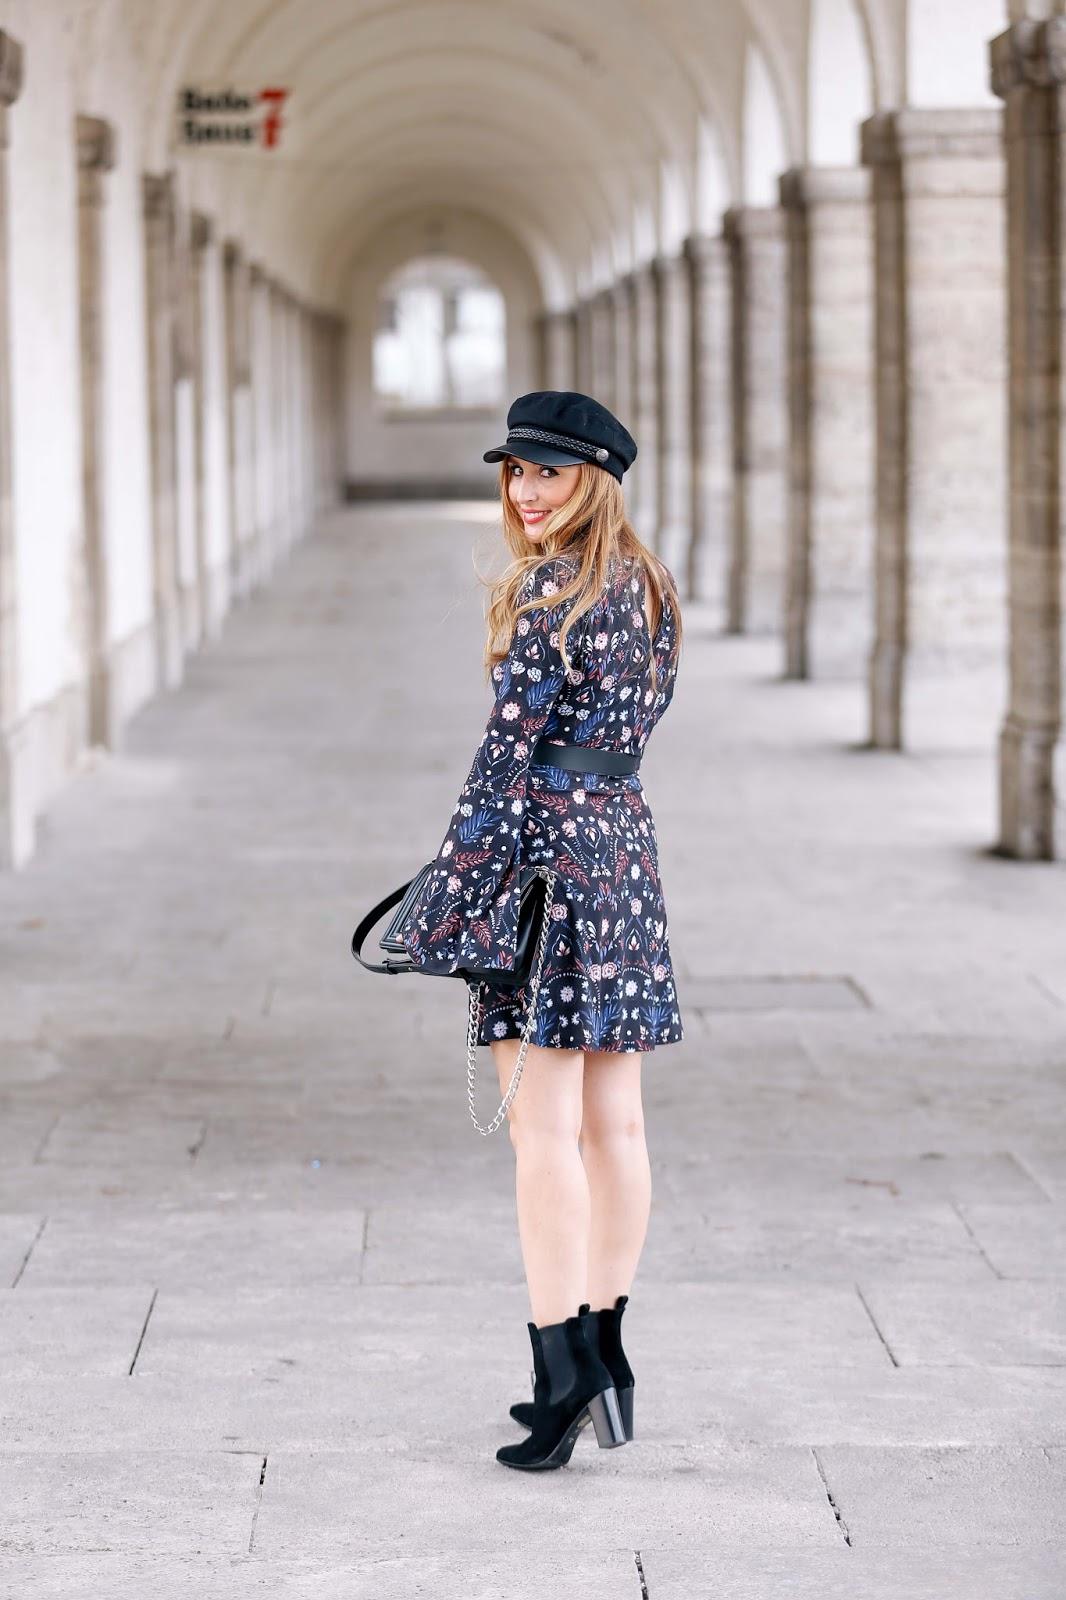 deutsche-fashionblogger-Fashionstylebyjohanna-kenzas-ivyrevel-H&M-Schiffermütze-blogger-mit-schiffermütze-fashionstylebyjohanna-fashionblogger-frankfurt-fashionblogger-deutsche-fashionblogger